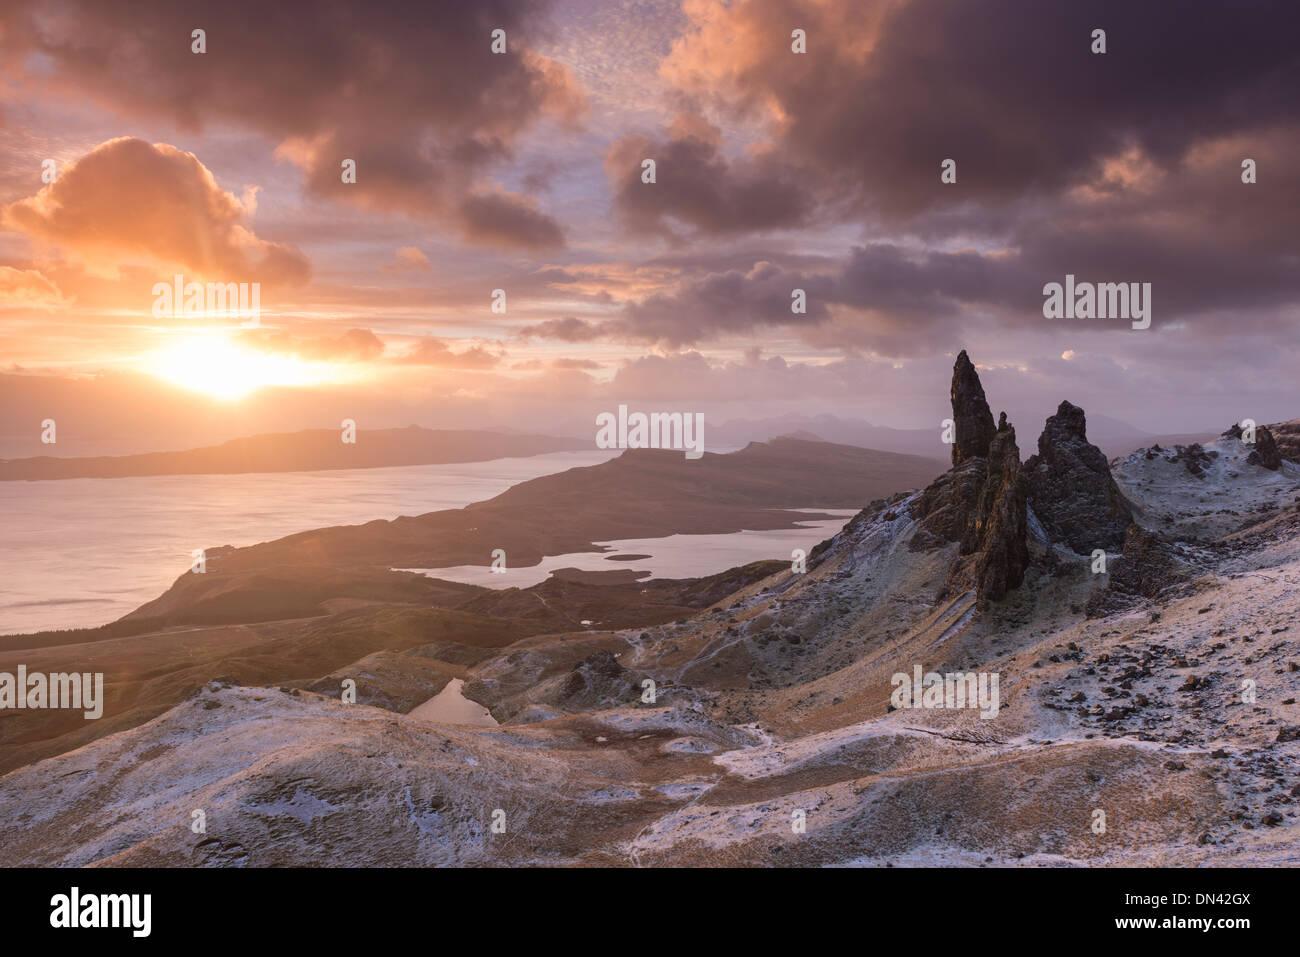 Espectacular amanecer sobre el viejo hombre de Storr, Isla de Skye, Escocia. Invierno (diciembre de 2013). Imagen De Stock